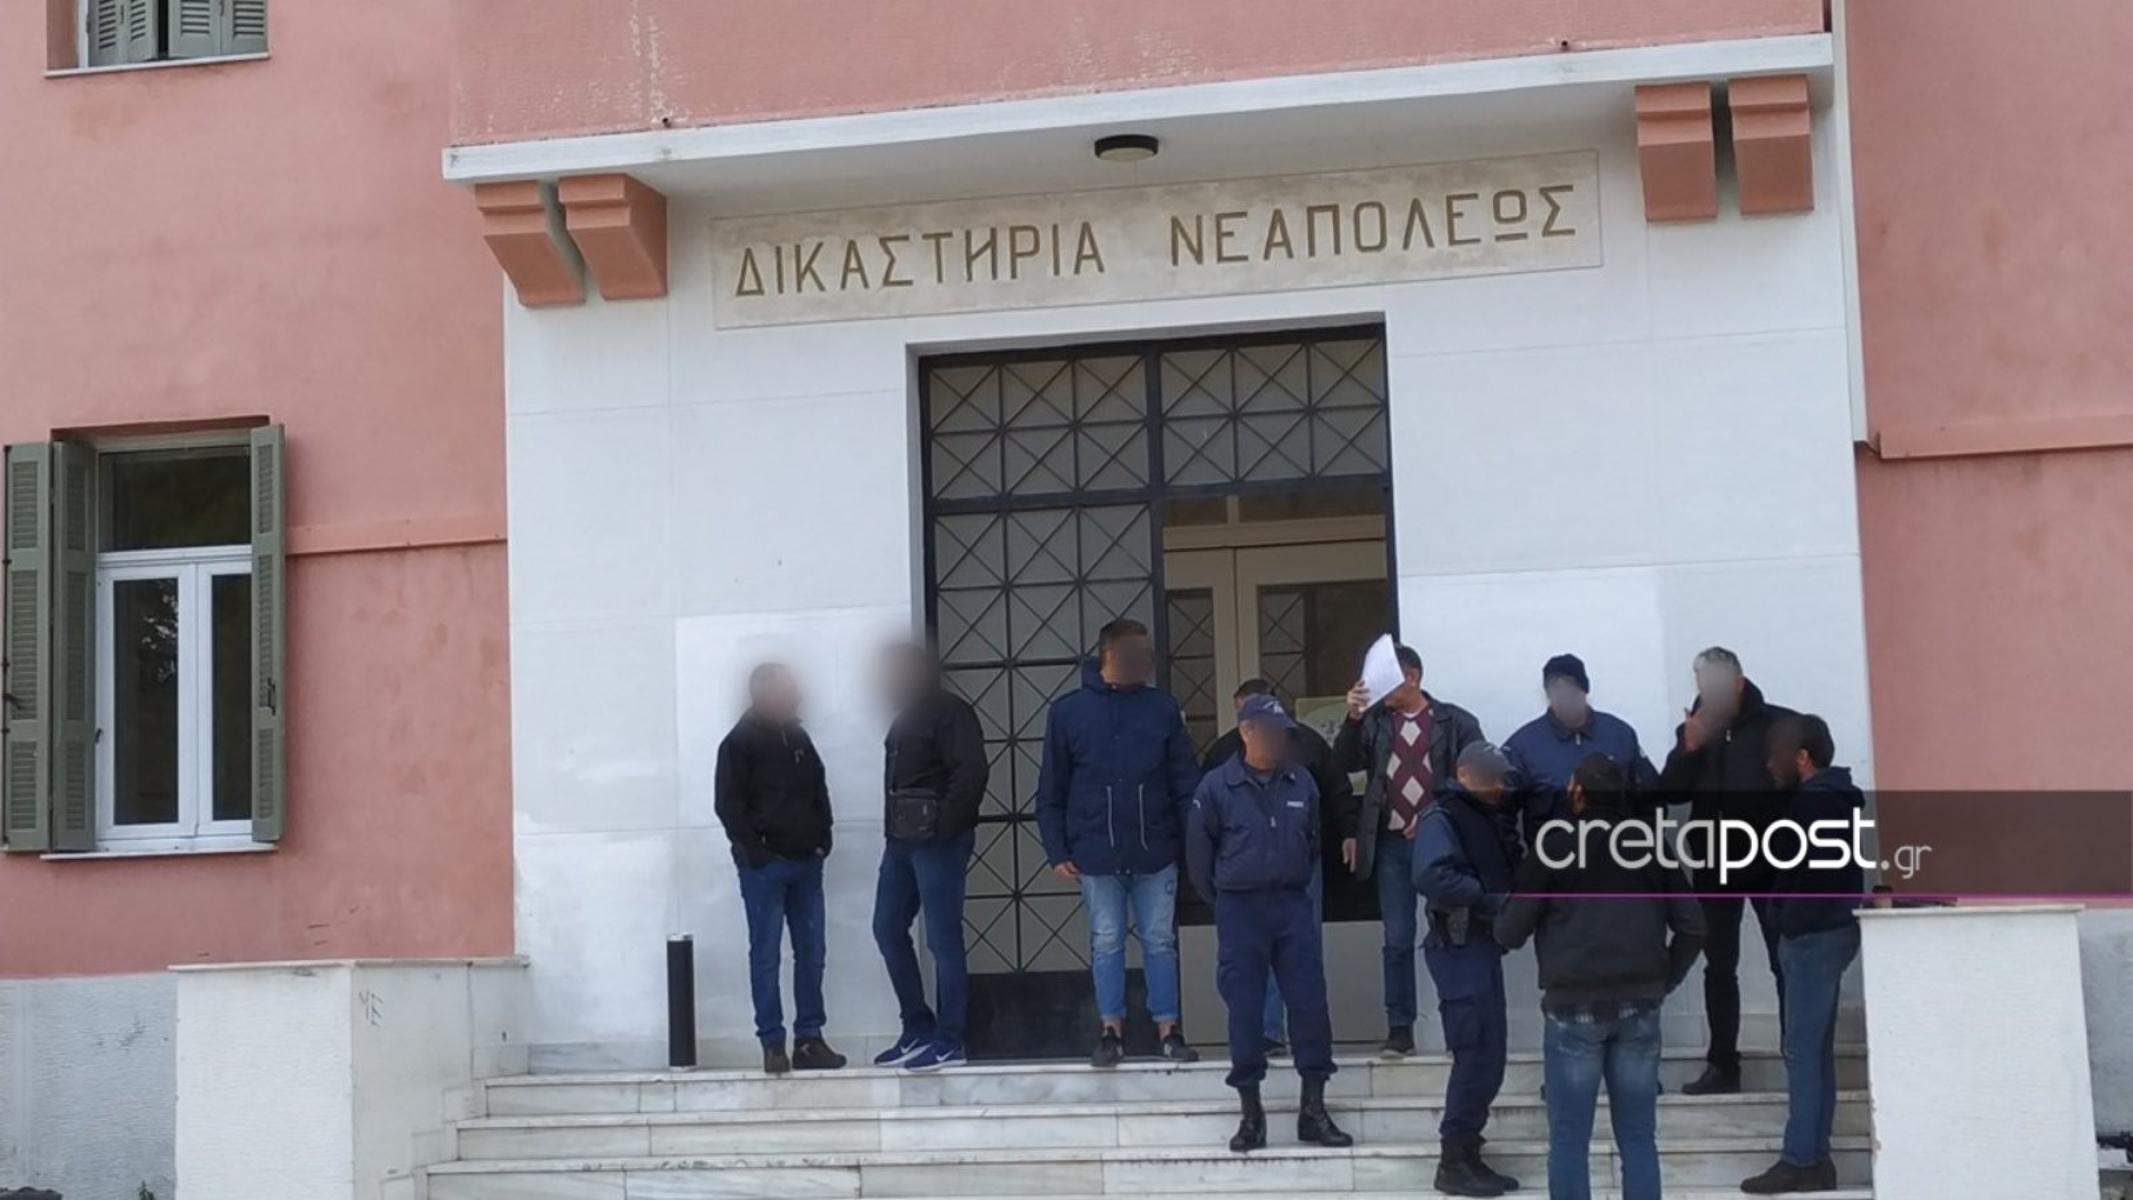 Κρήτη: Ξύπνησαν μνήμες από τη δολοφονία στις Κουρούνες – Καρέ καρέ το «καρτέρι θανάτου»